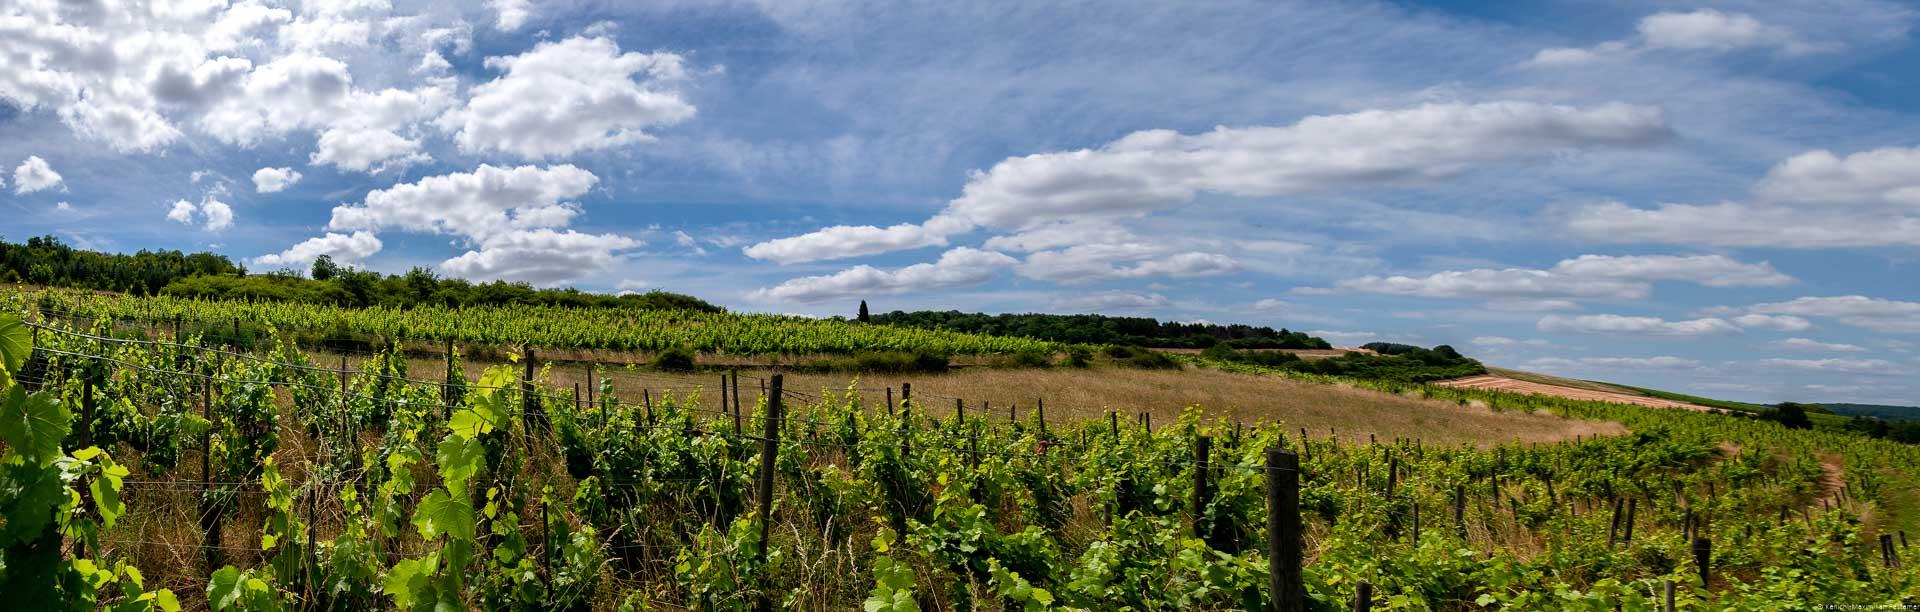 Vorne erkennt man die Reben des Weingartens Temmels St. Georgshof. In der Mitte des Bildes erkennt man Wiese und einige Bäume. Am blauen Himmel sind einige Wolken.